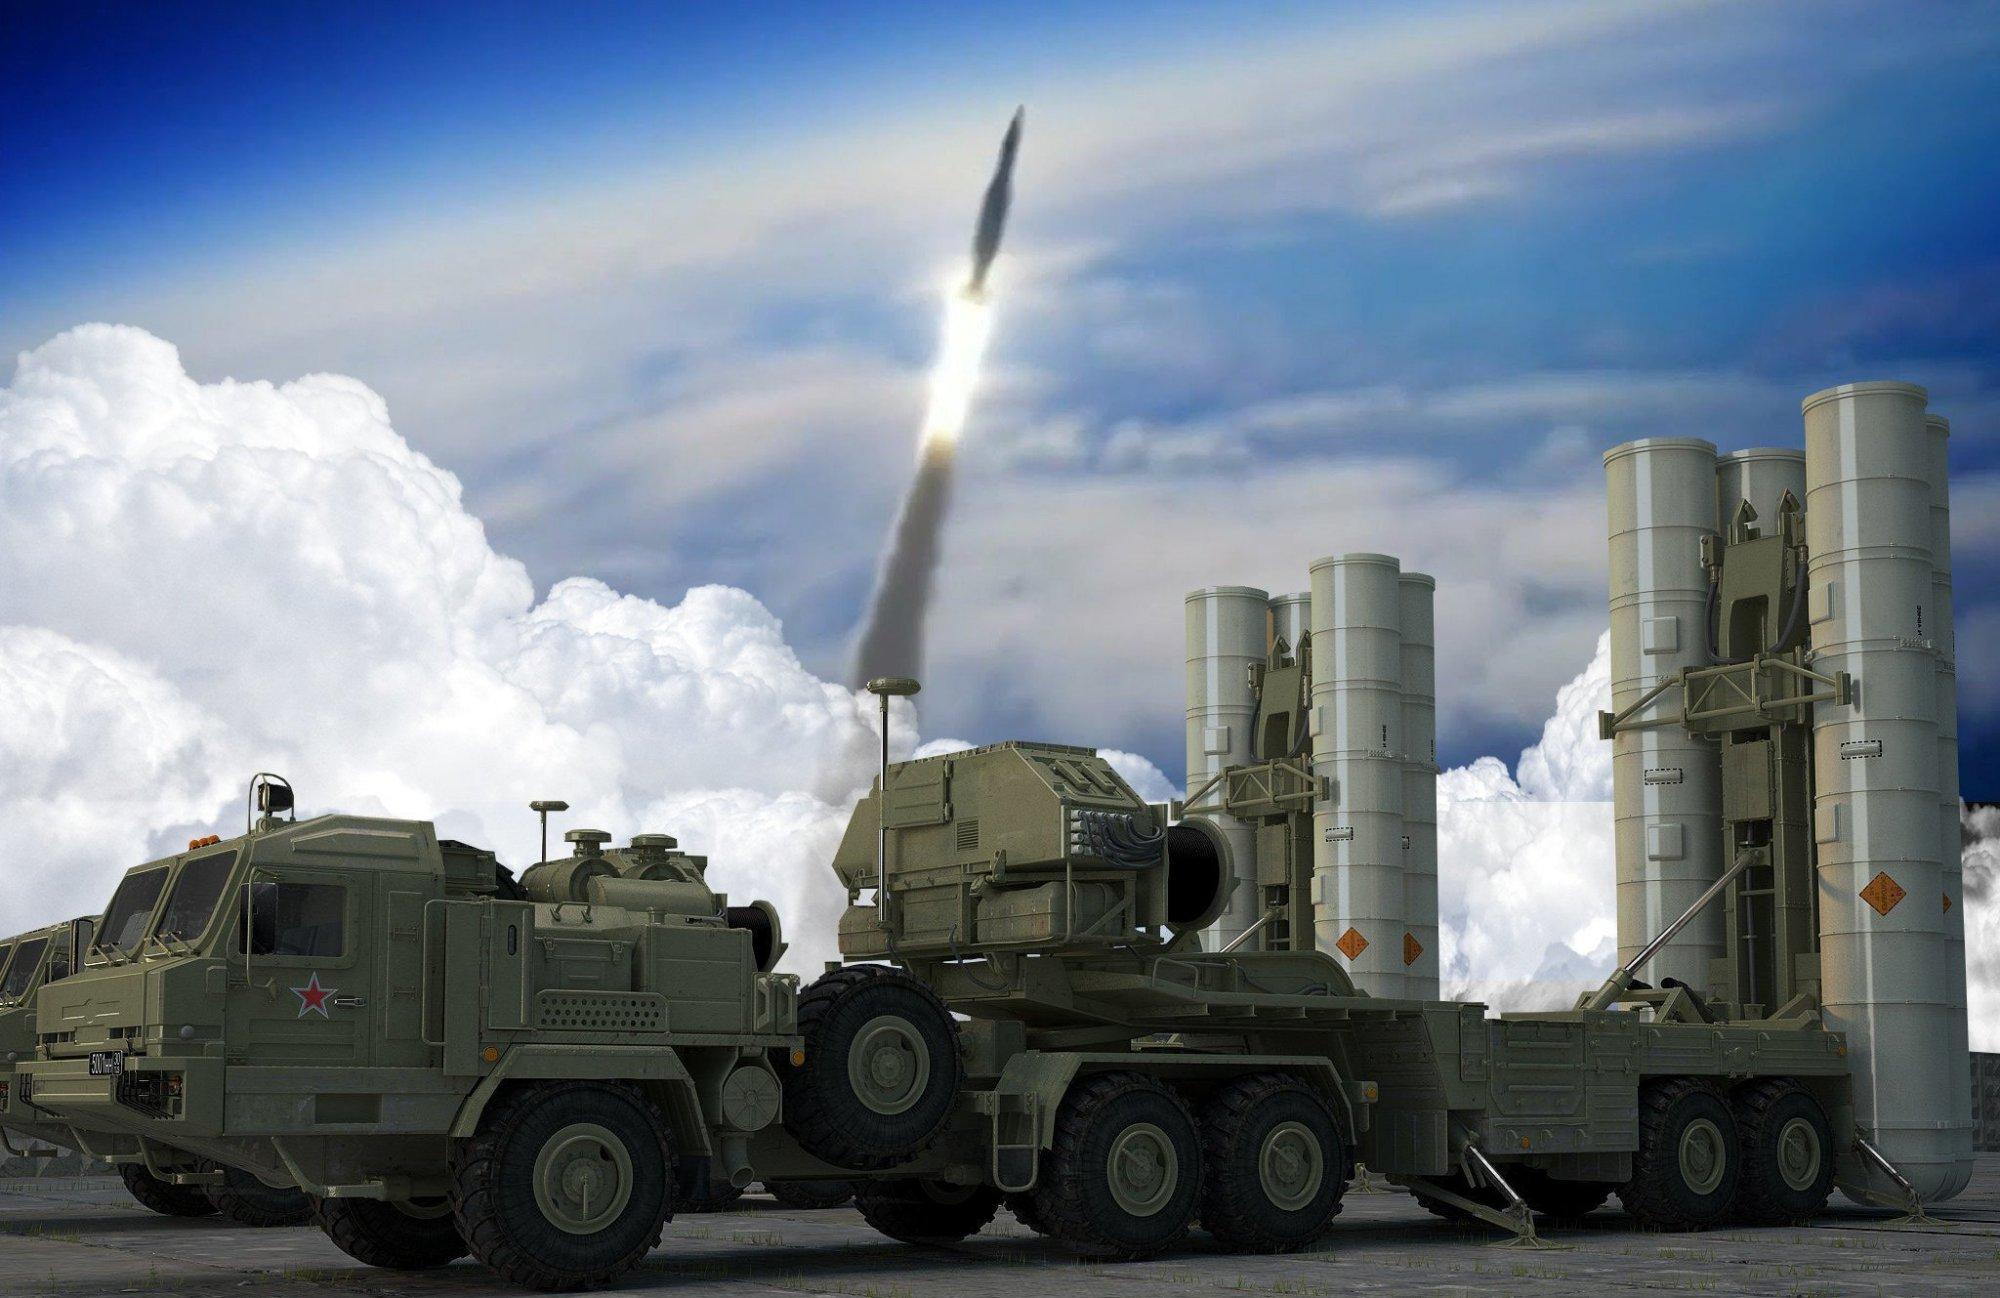 俄军最新S500防空导弹系统将于今年交付